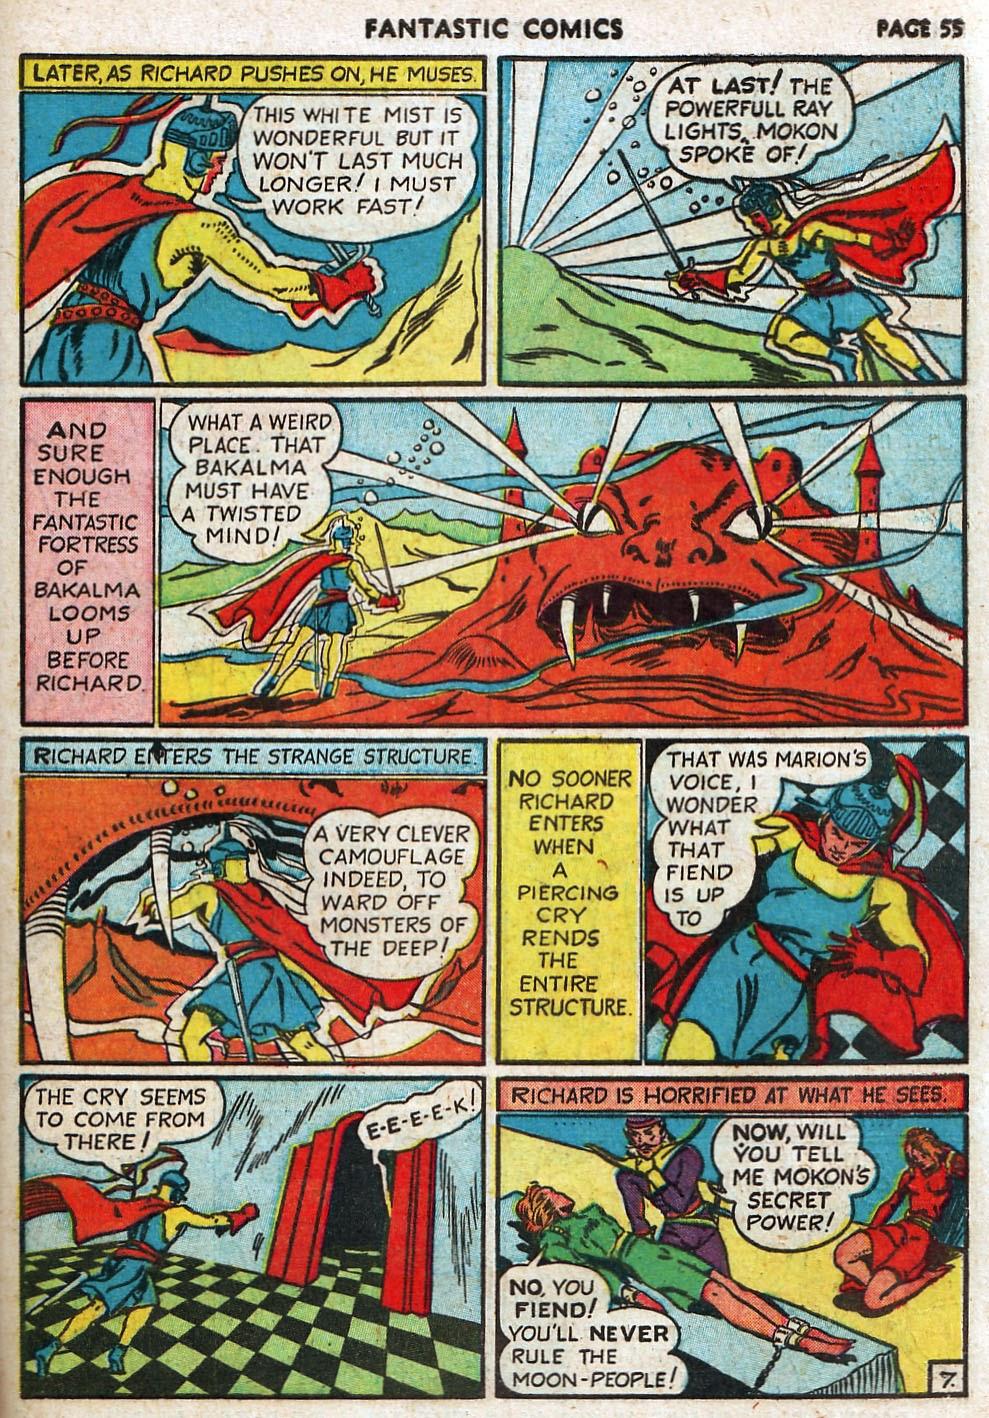 Read online Fantastic Comics comic -  Issue #17 - 56